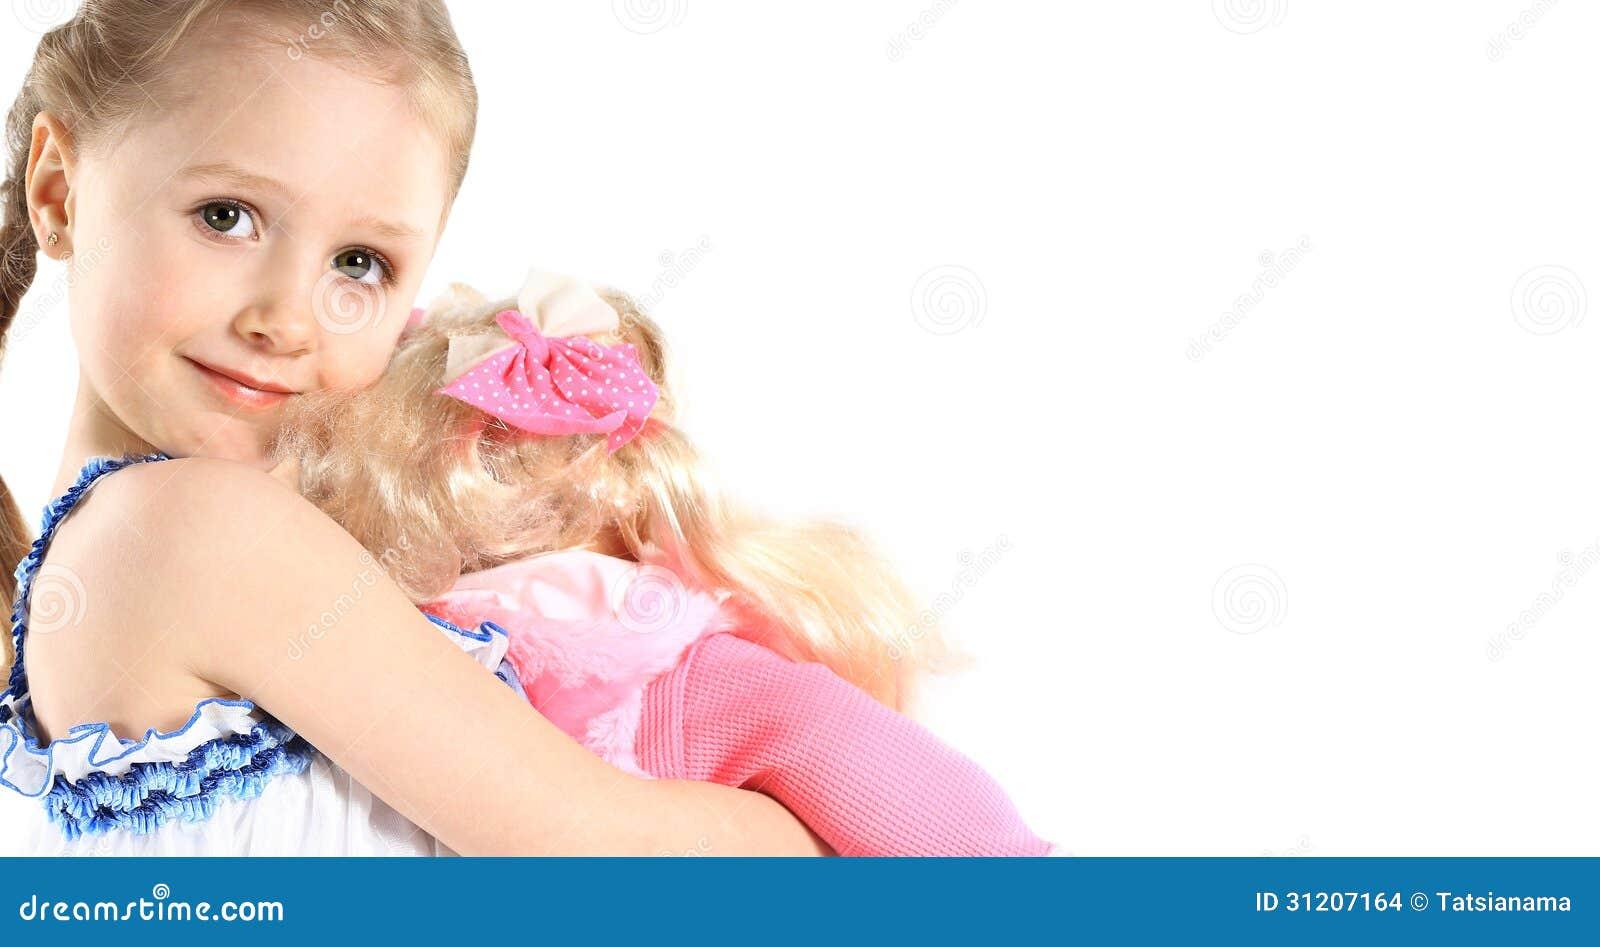 Kleines Mädchen mit Baby - Puppenspielzeug